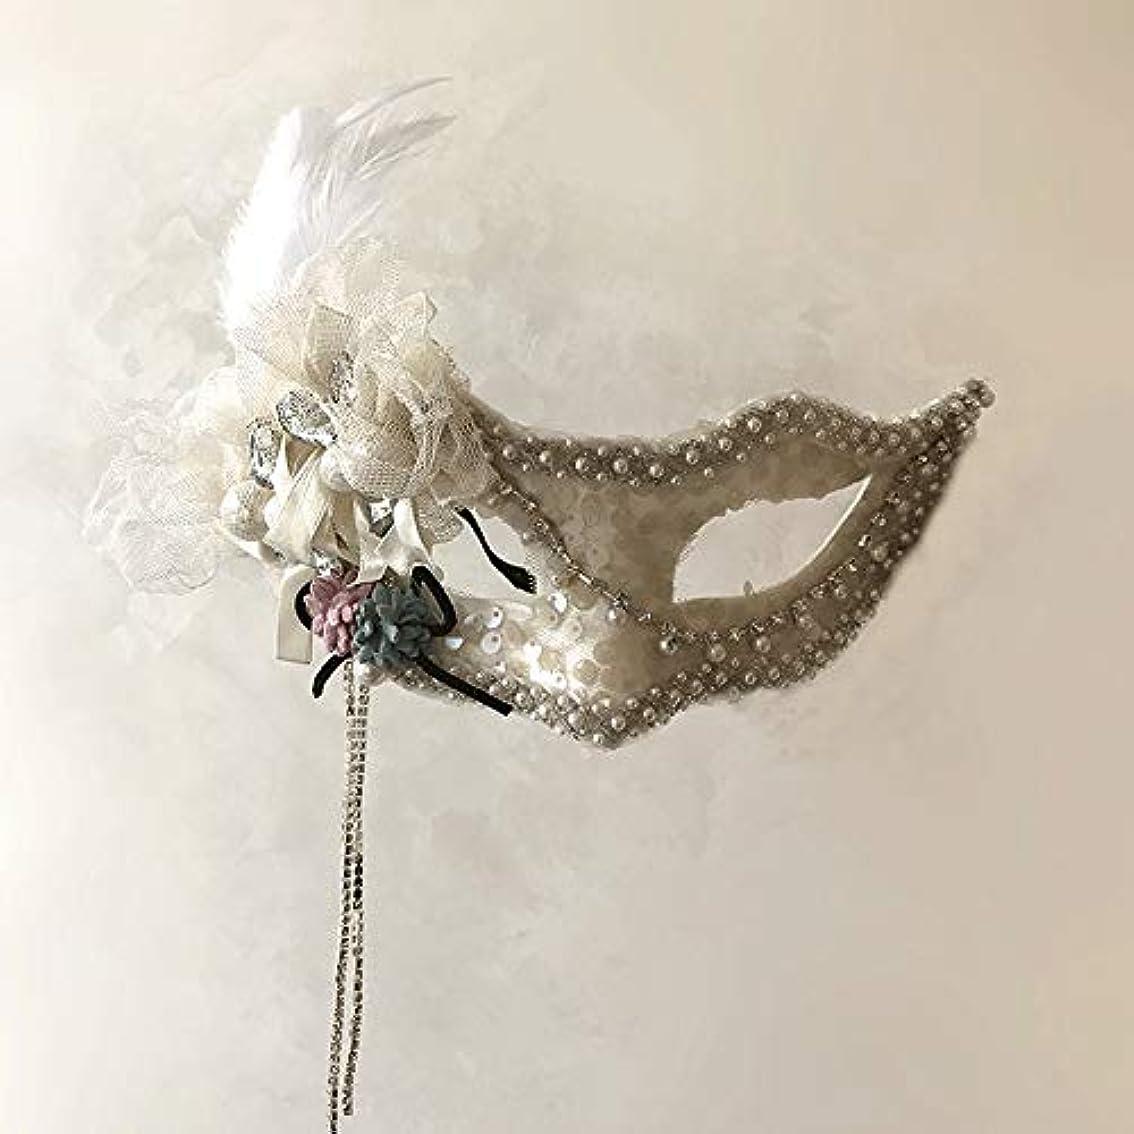 ペパーミント負何もないNanle ホワイトフェザーフラワーマスク仮装ボールアイマスクハロウィーンボールフリンジフェザーマスクパーティマスク女性レディセクシーマスク (色 : Style D)